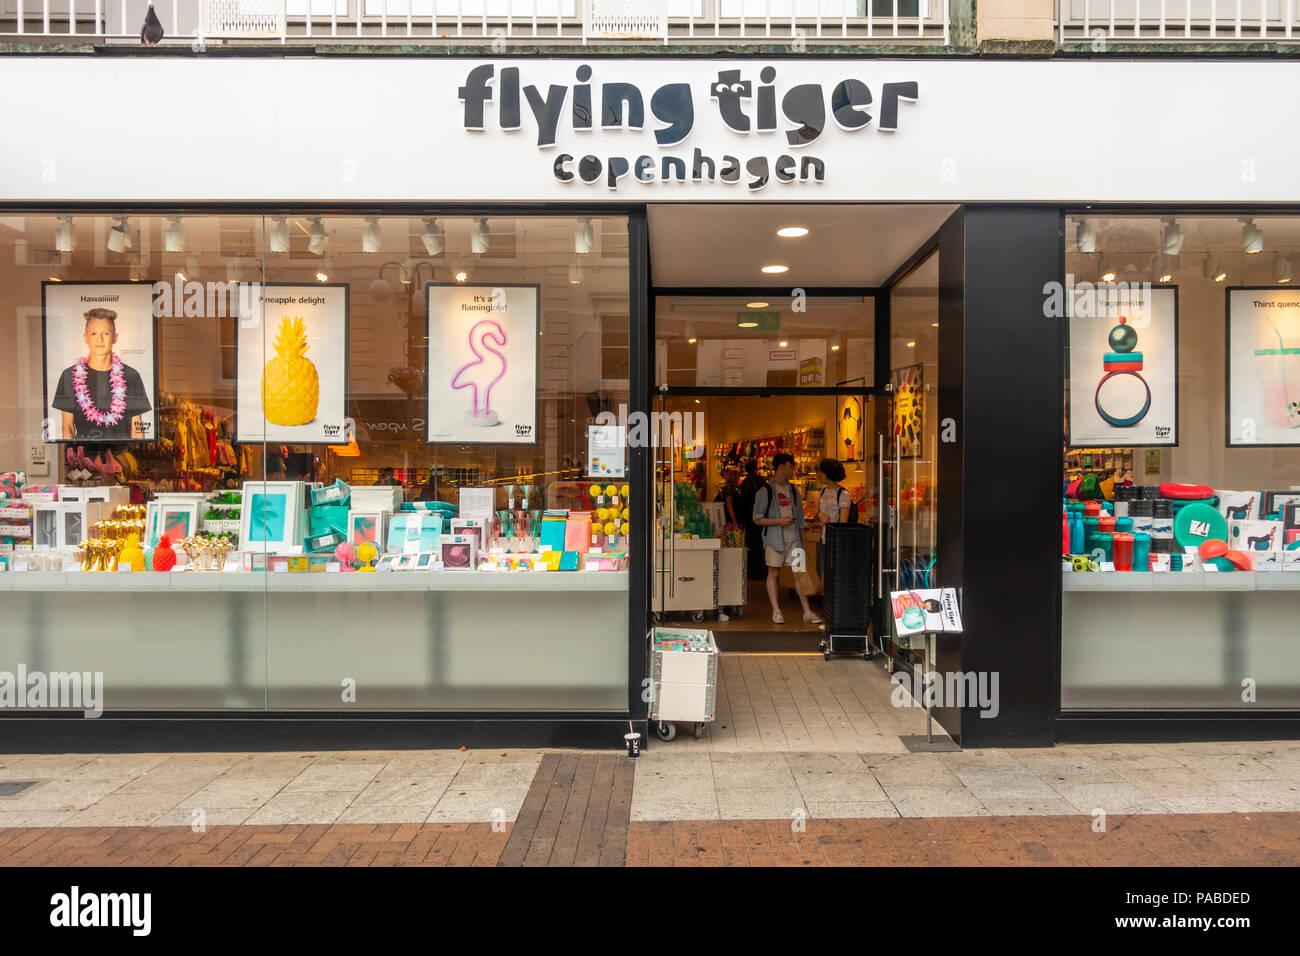 flying tiger shop stock photos flying tiger shop stock images alamy. Black Bedroom Furniture Sets. Home Design Ideas